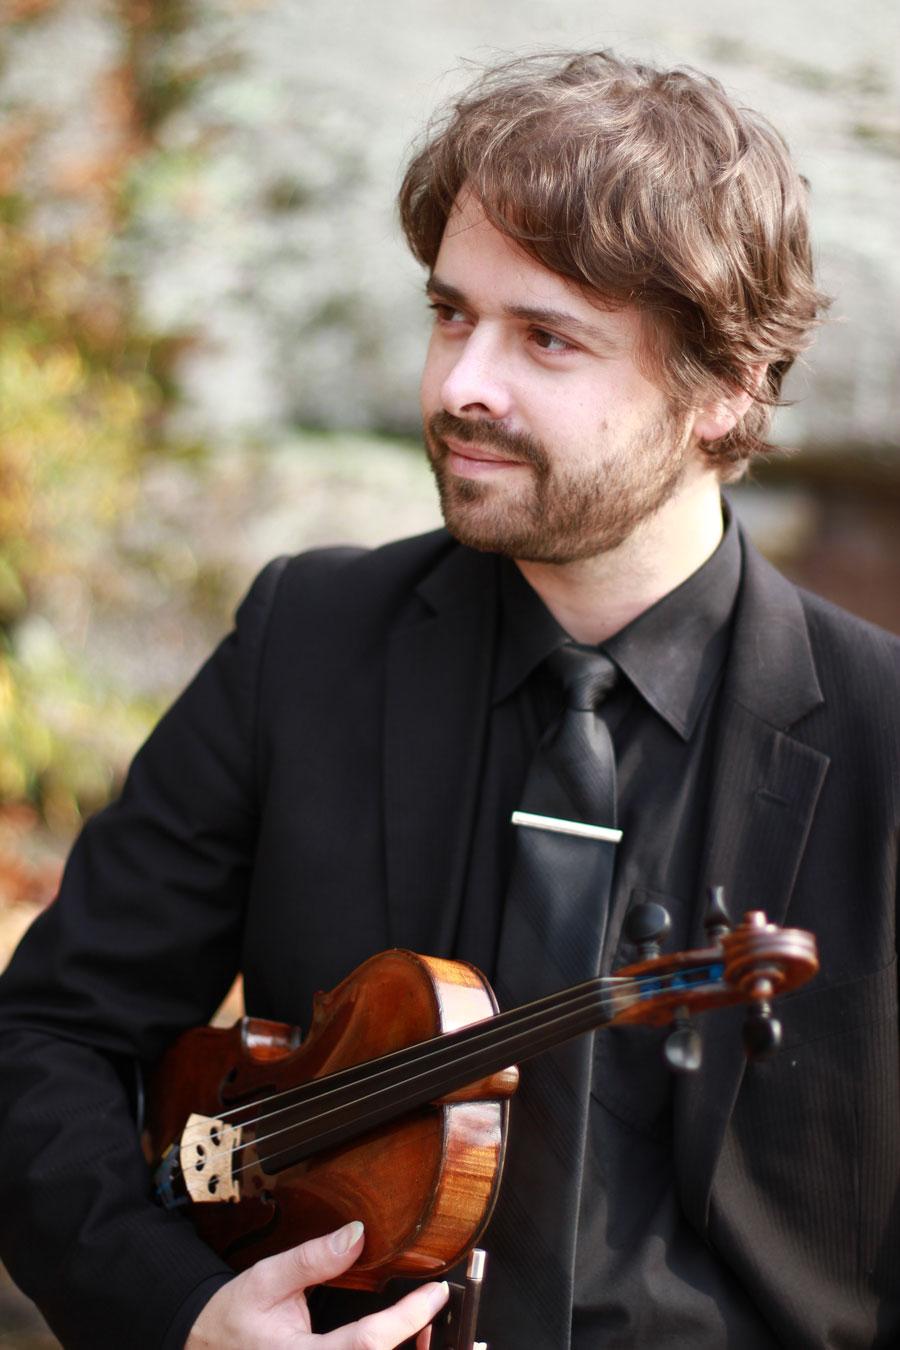 Sébastien Deshaies